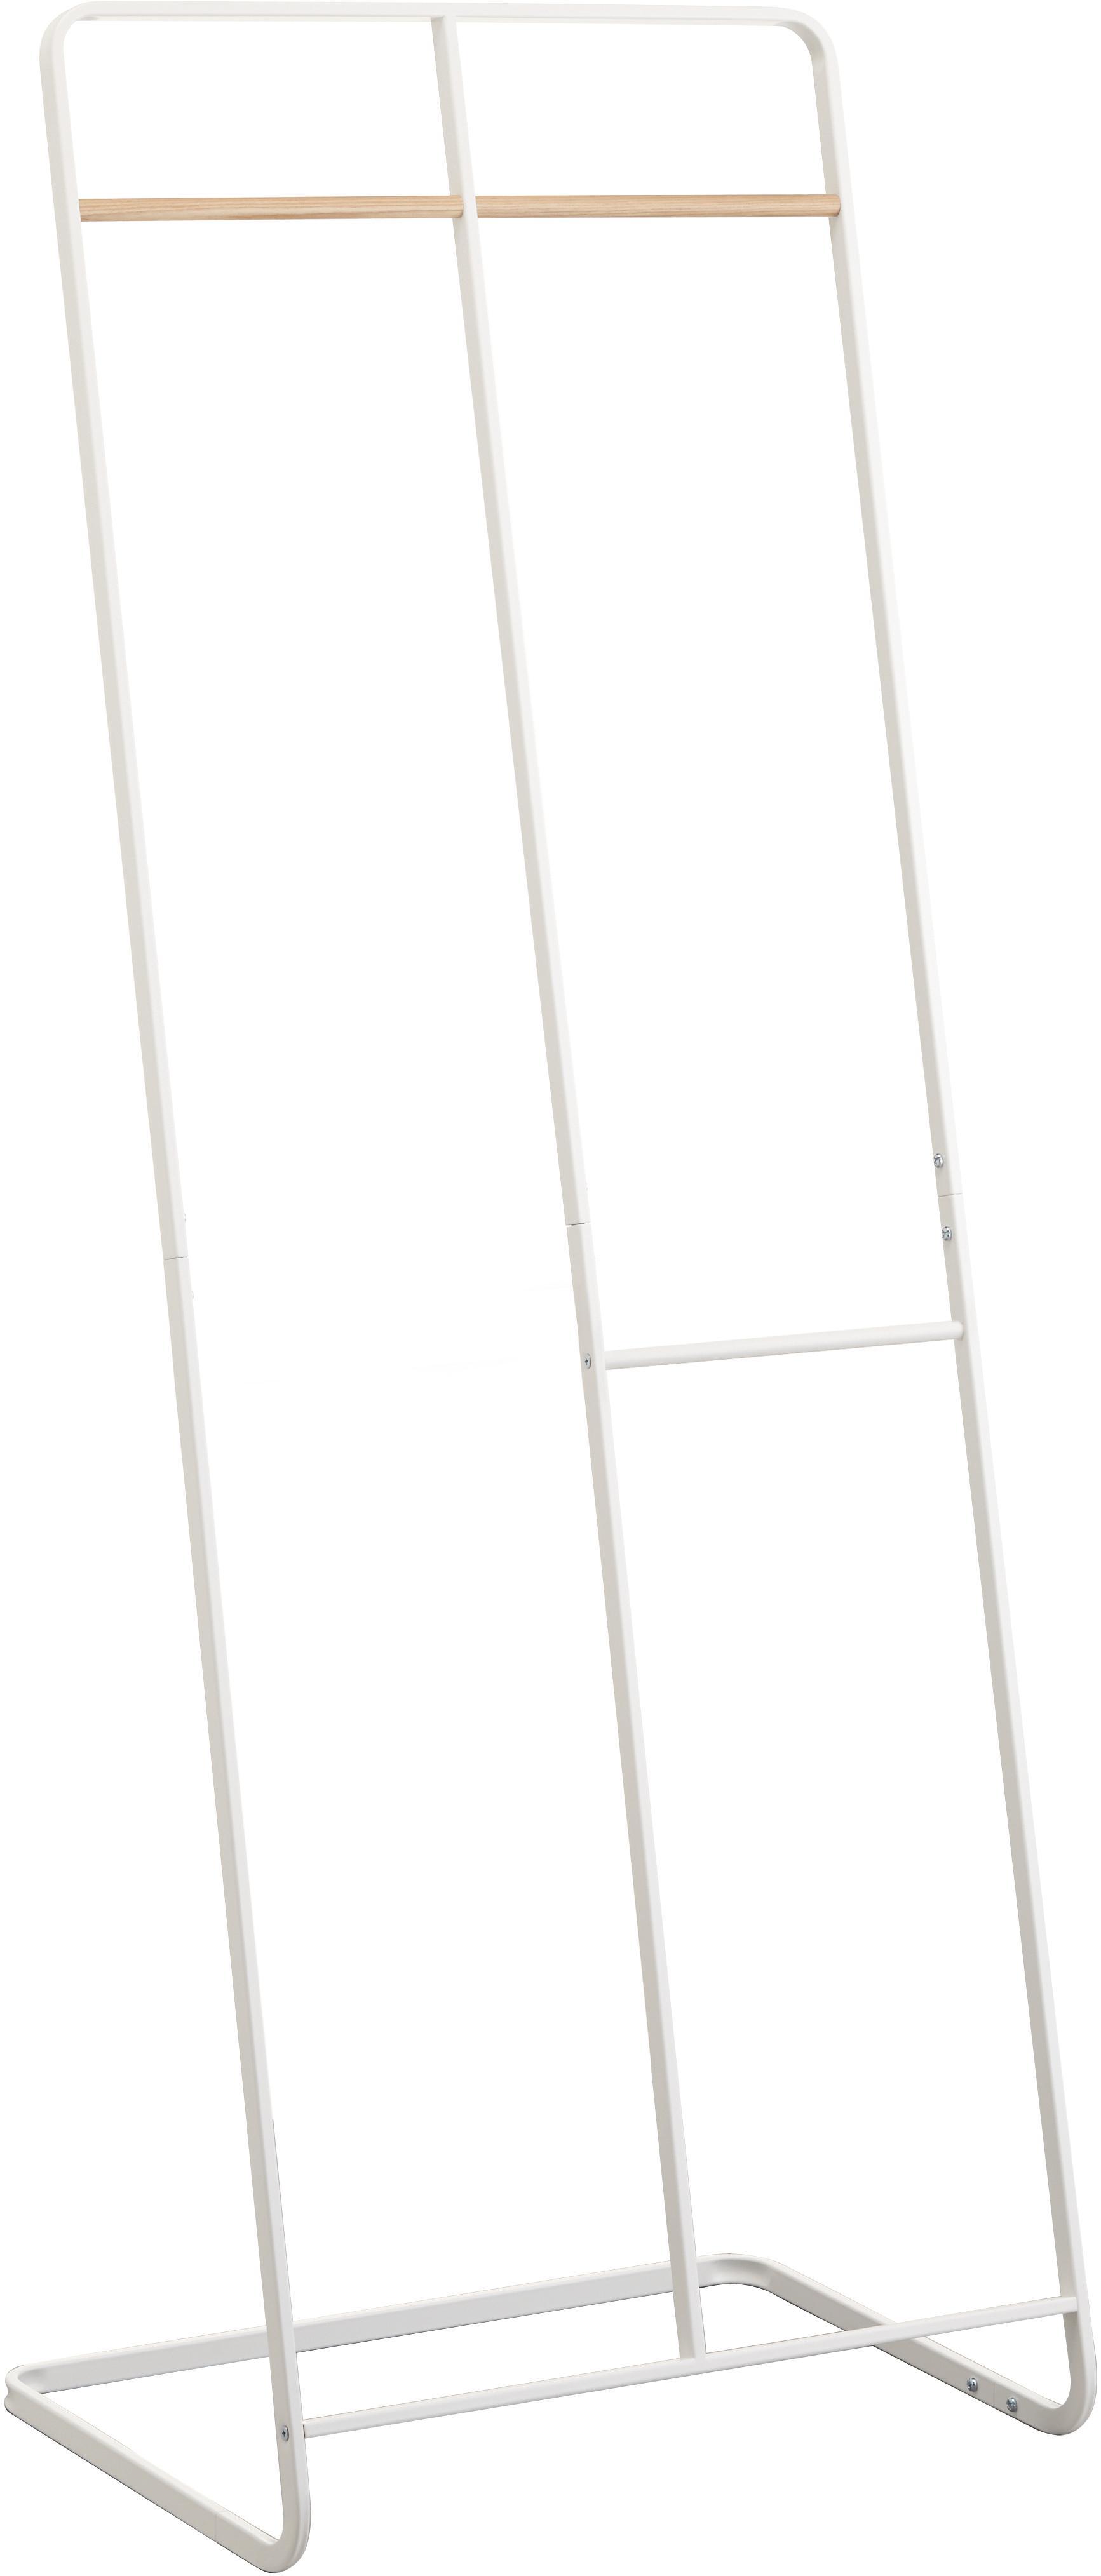 Appendiabiti in metallo bianco Towi, Struttura: metallo verniciato a polv, Asta: legno, Bianco, Larg. 61 x Alt. 163 cm